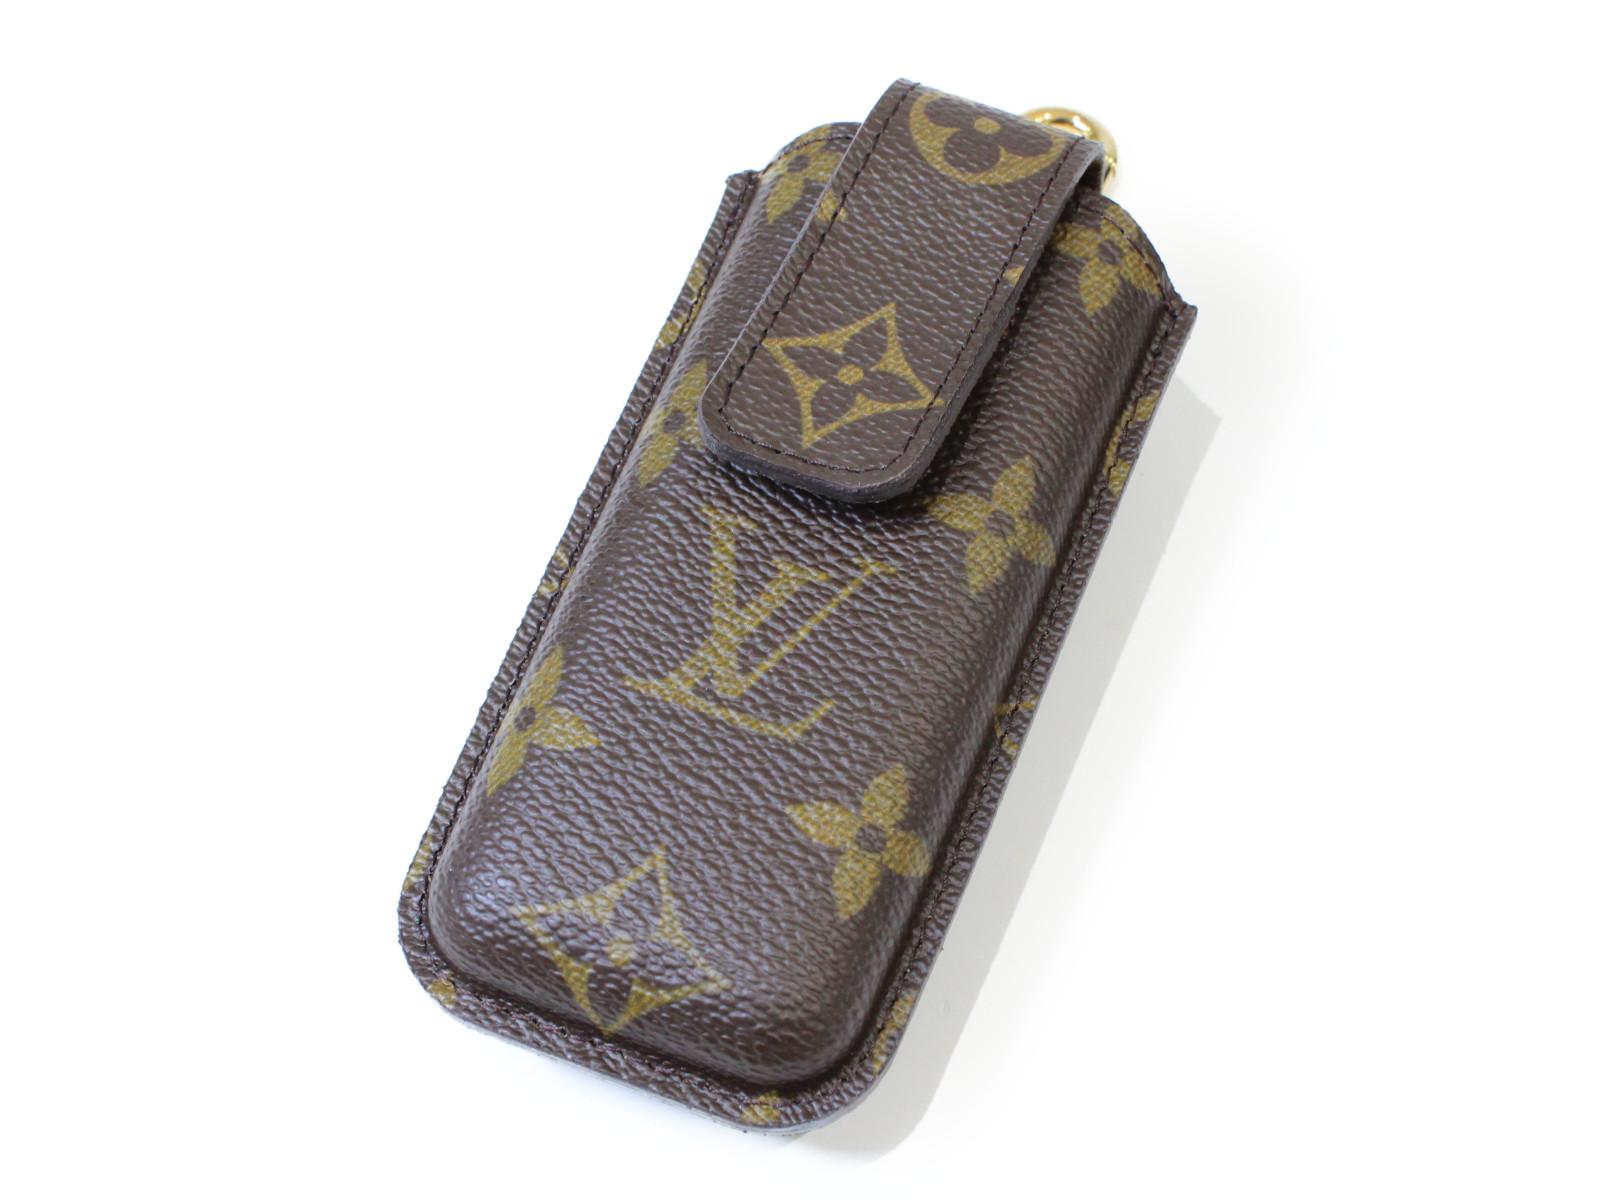 LOUIS VUITTON ルイ ヴィトンテレフォンヌ・エテュイ M63050モノグラム コンパクト携帯ケース プレゼント包装可【中古】